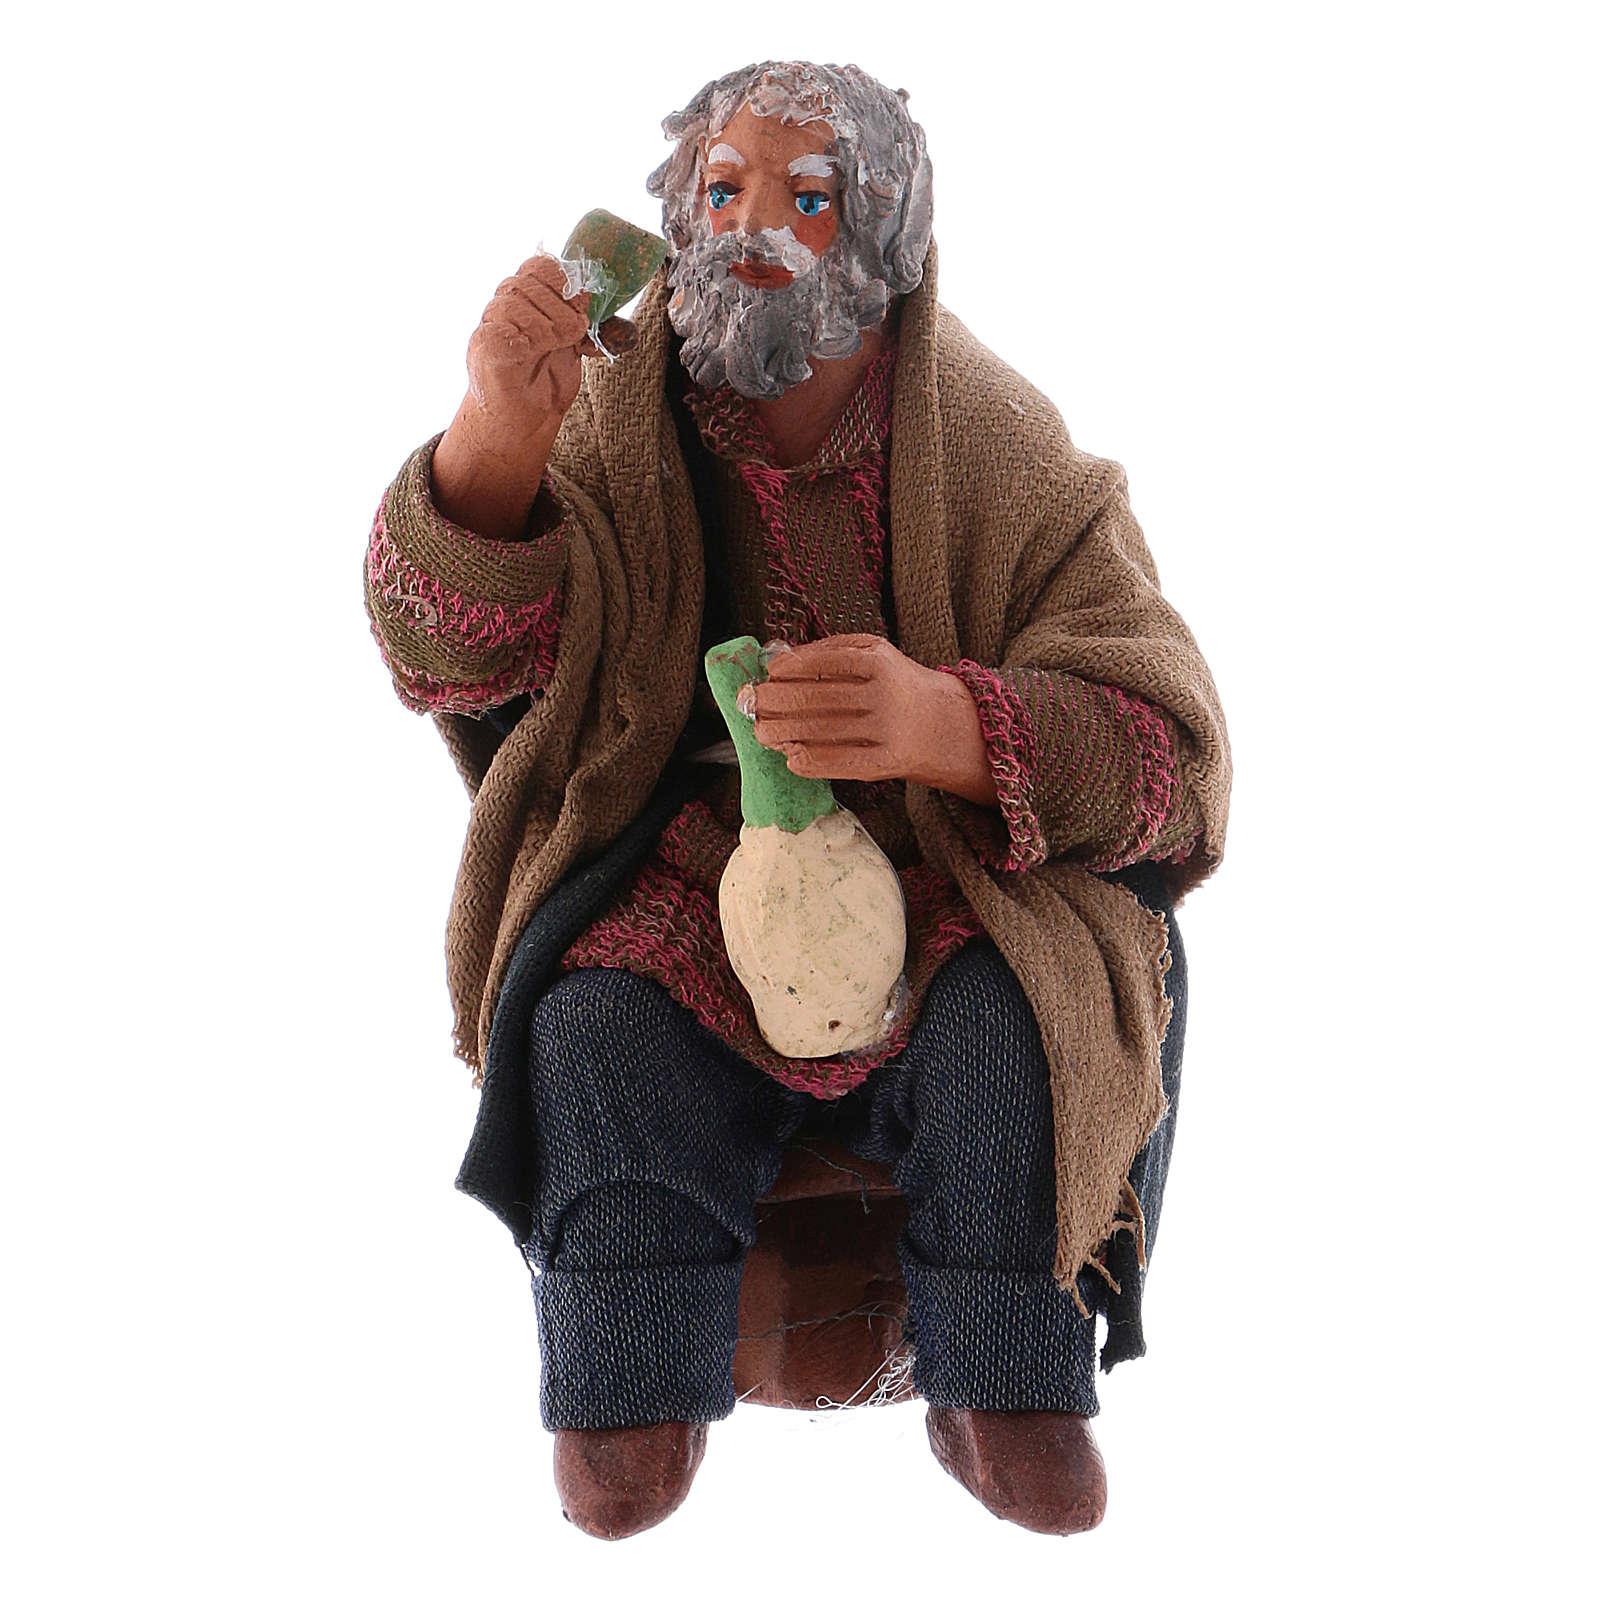 Uomo con fiasco di vino per tavolata 10 cm presepe Napoli 4